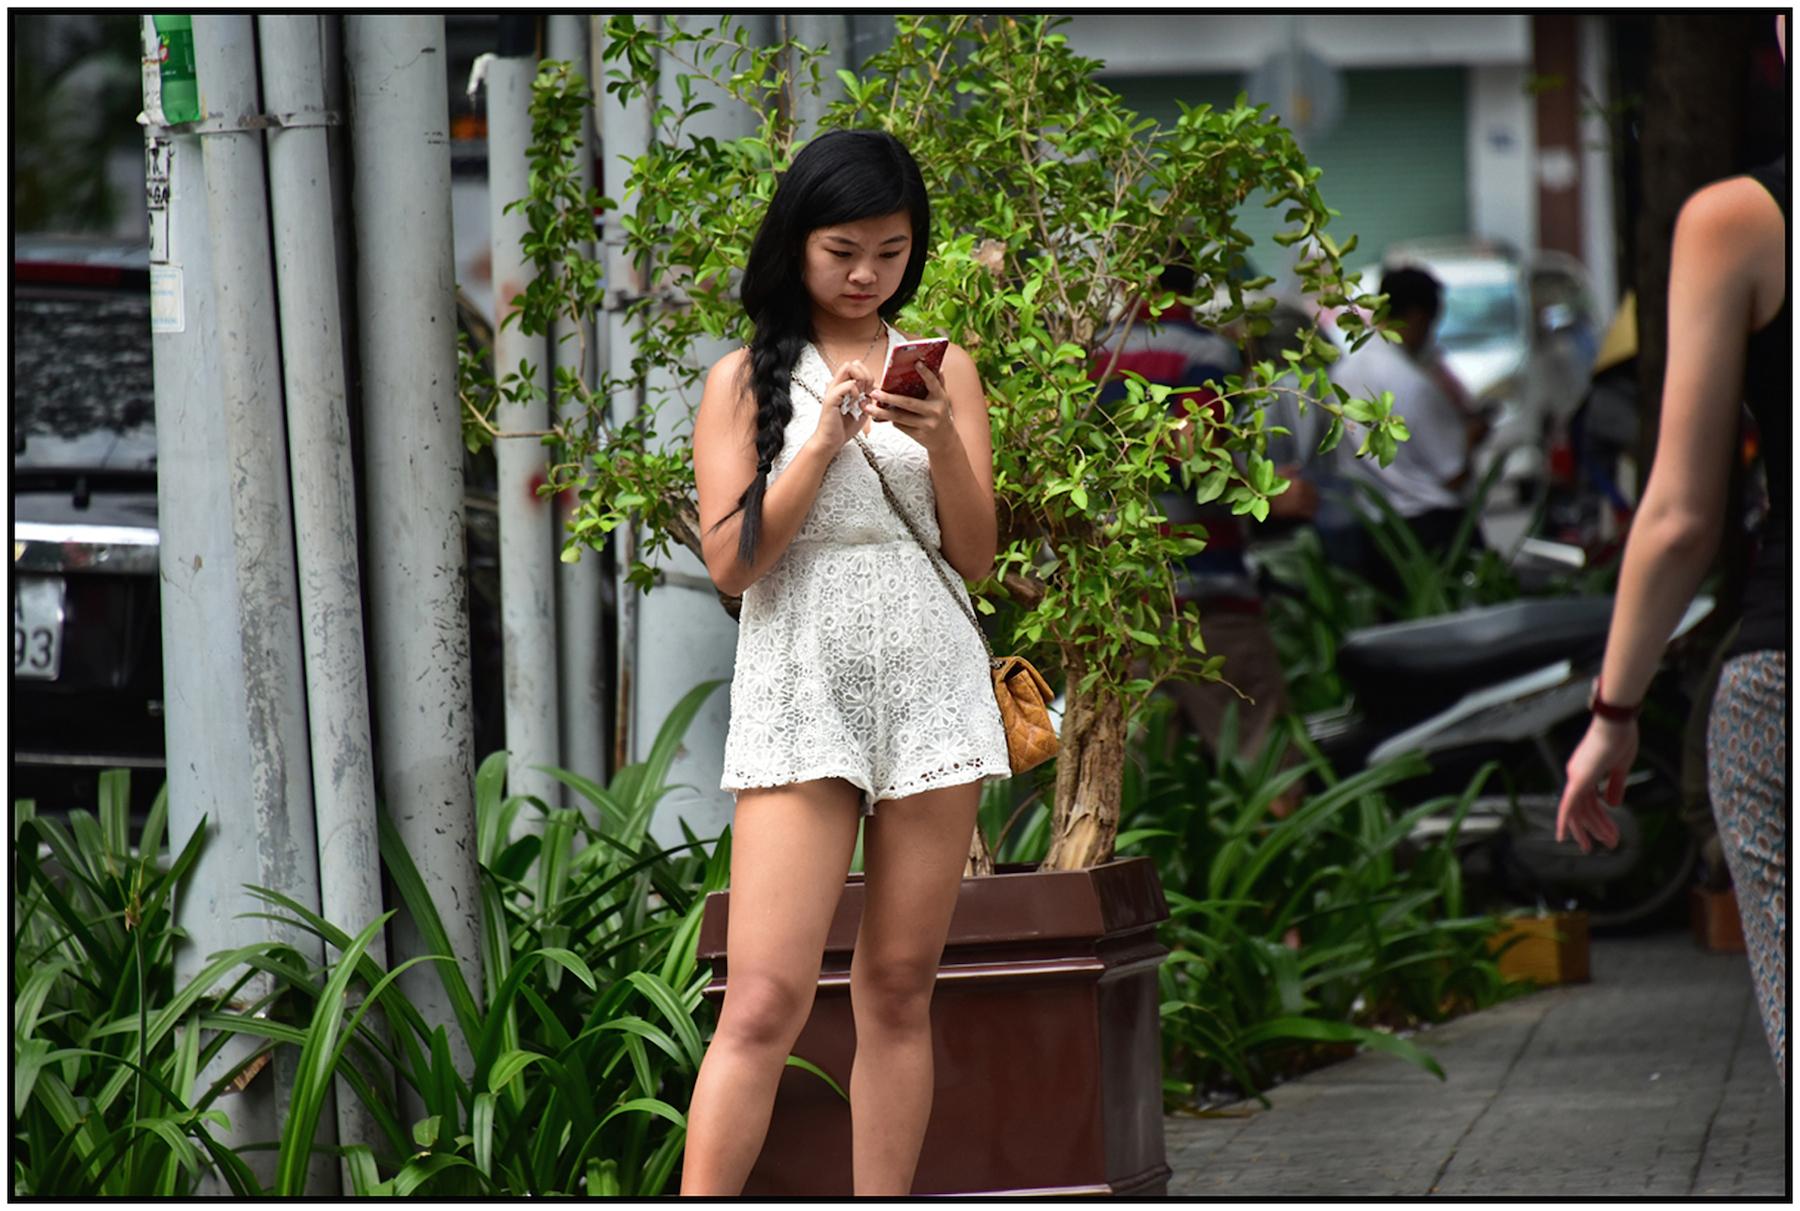 Prostitute, Saigon/HCMC, Jan. 2016. #0136